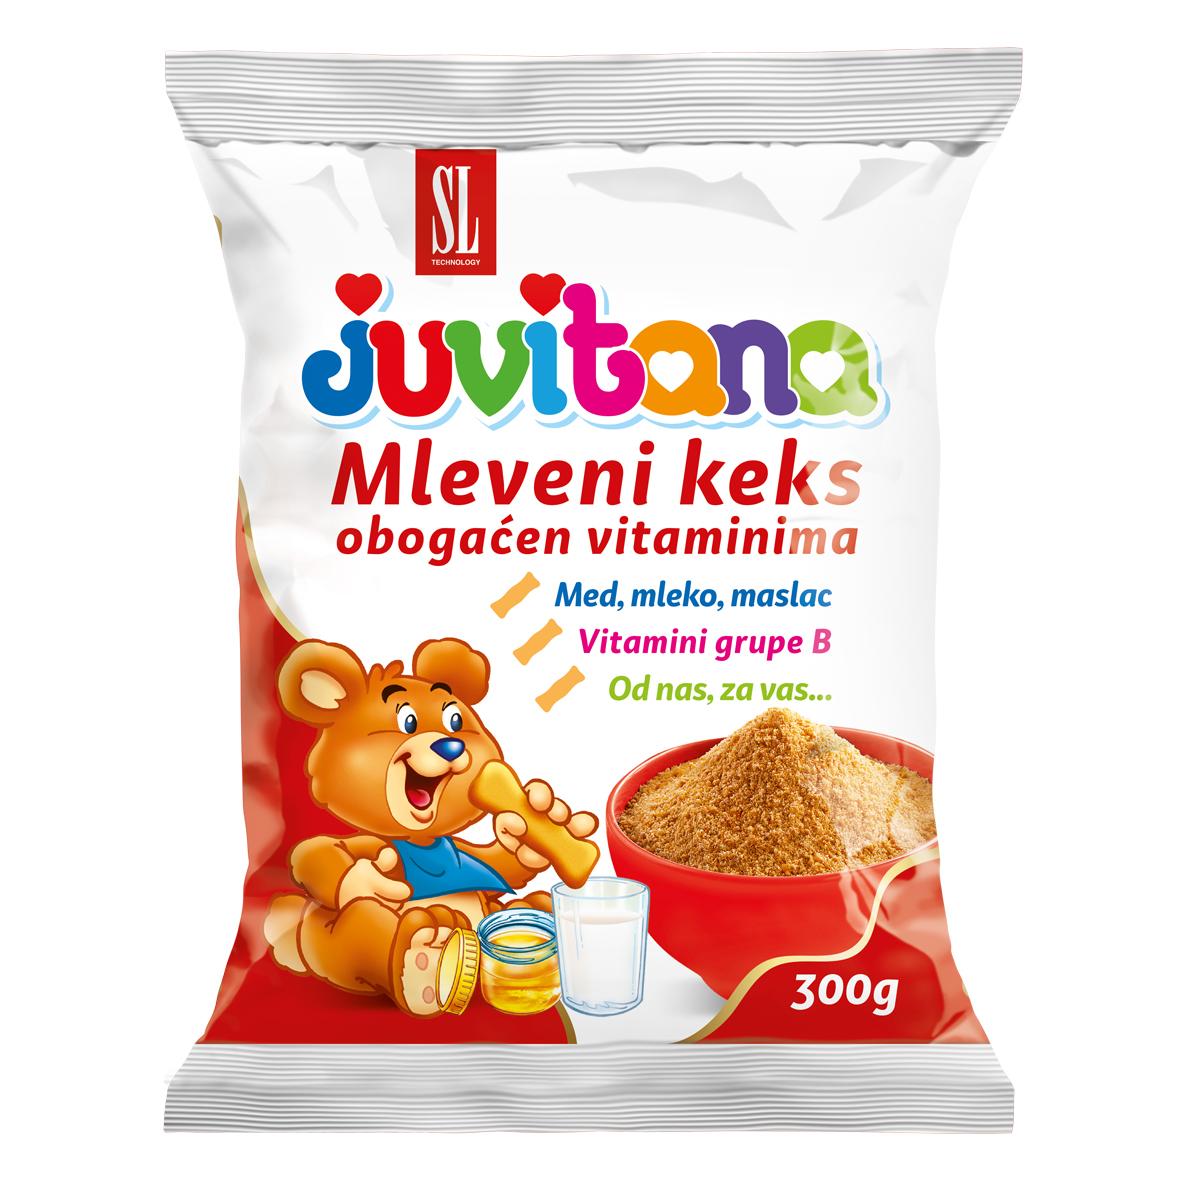 Biscuits | Swisslion-Takovo